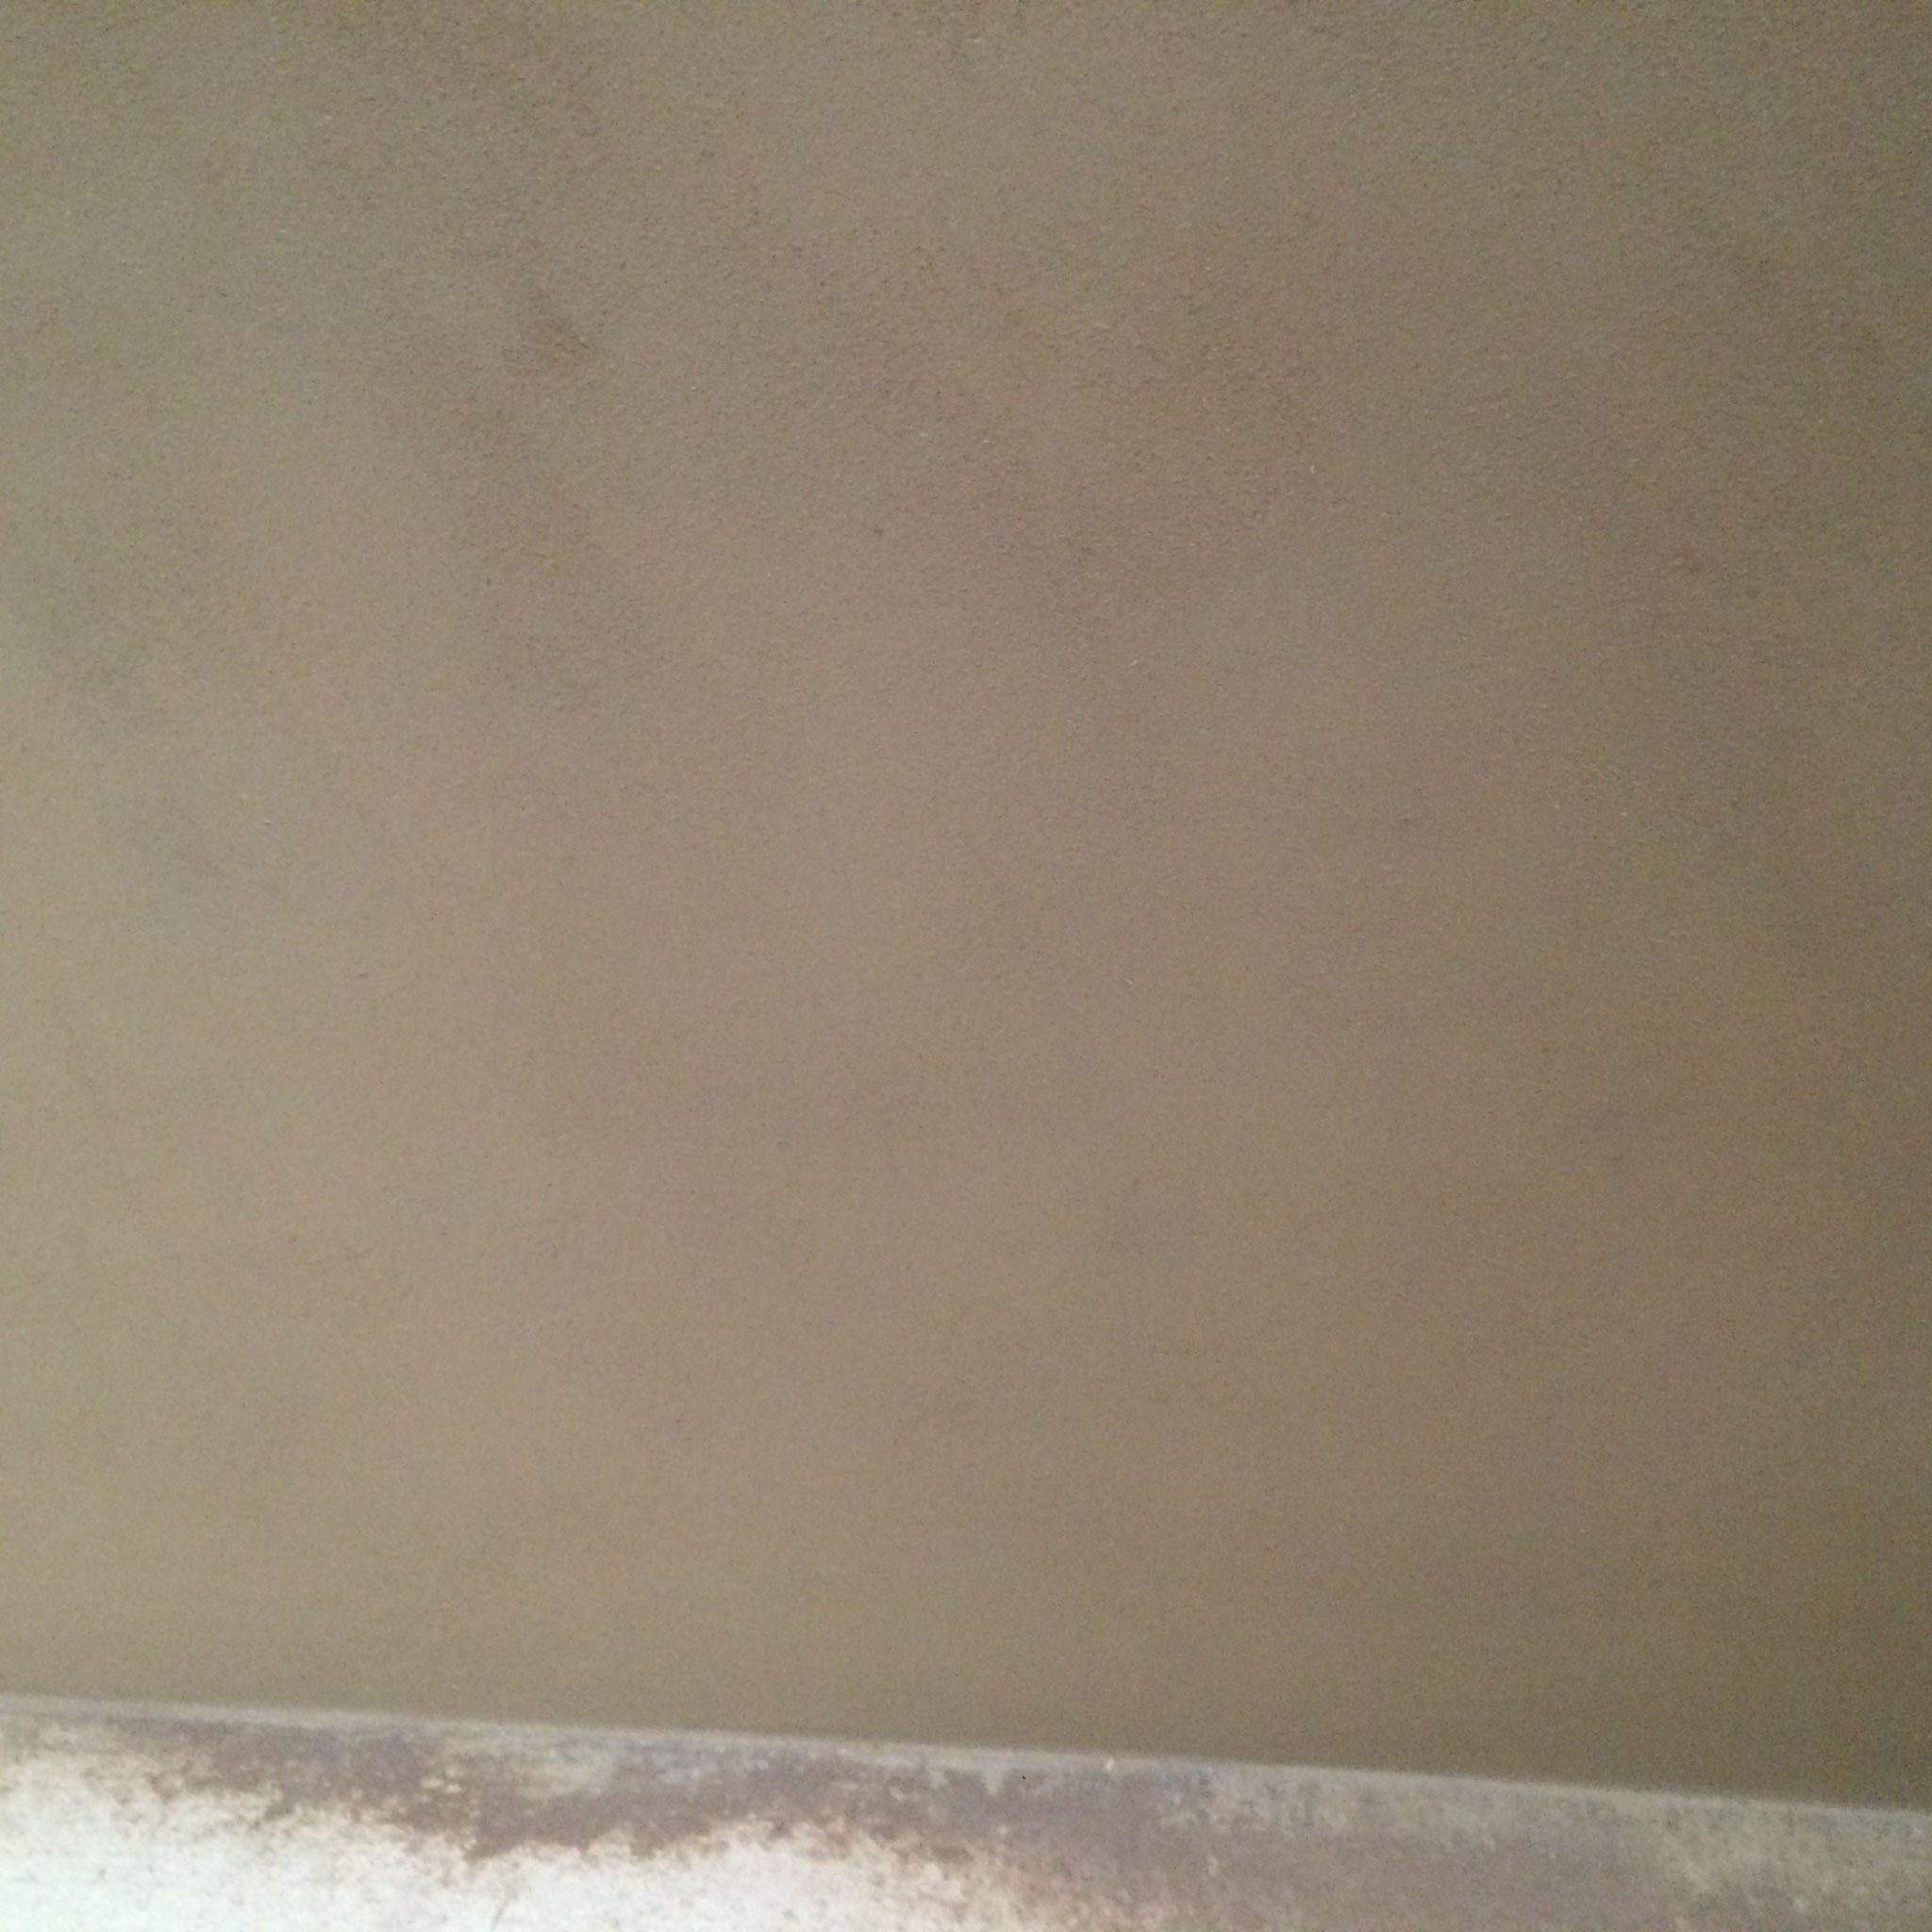 Fertig hergestellte Lehmdecke und Wände mit einem Oberputz